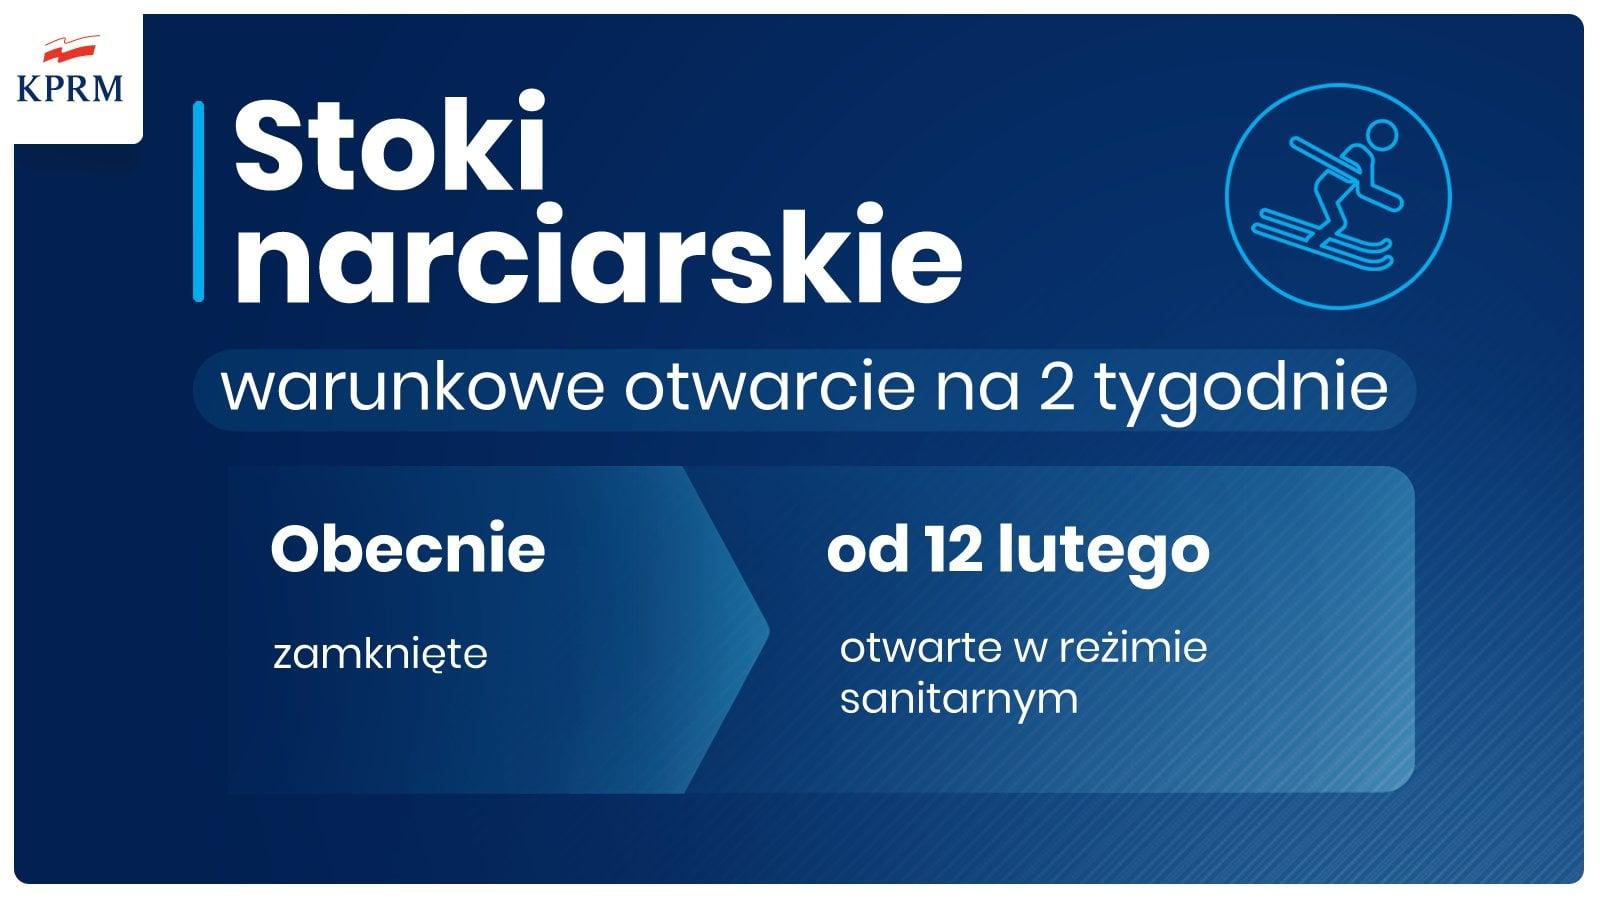 https://m.powiatszczycienski.pl/2021/02/orig/146862335-2802519443330388-2336977389237524007-o-37891.jpg